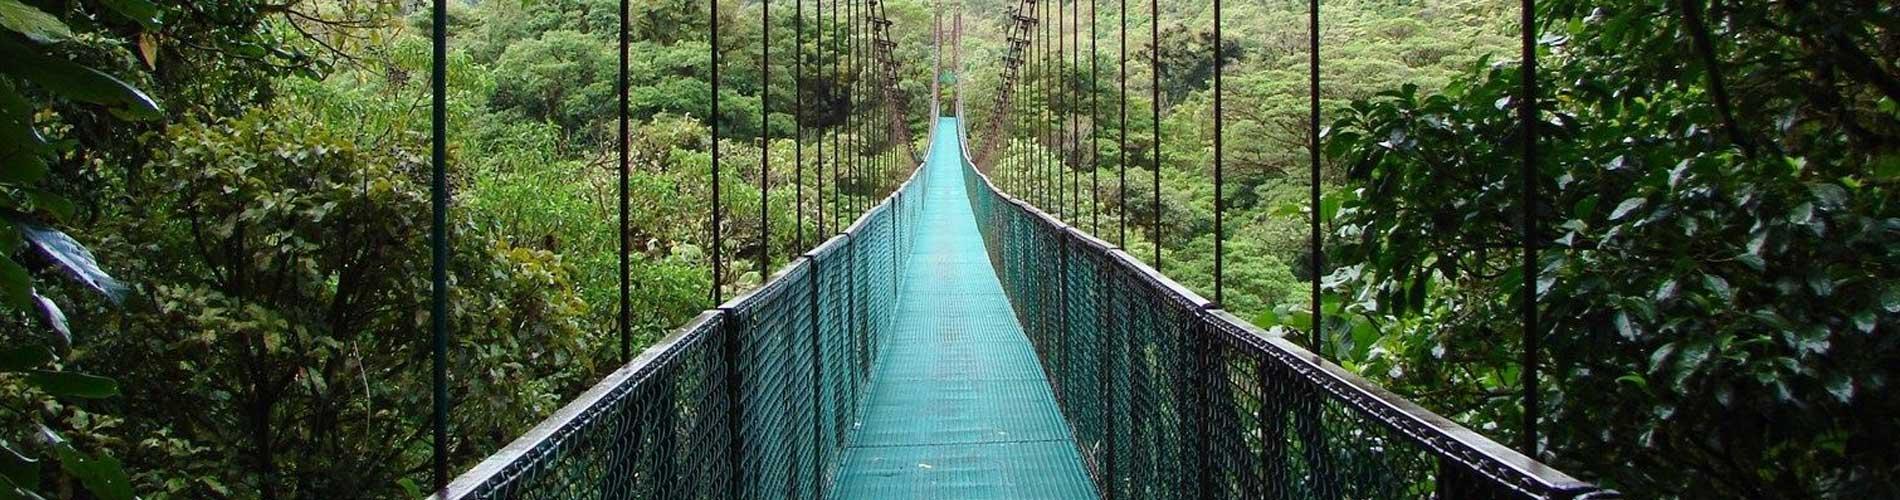 Hanging Bridges cloud forest